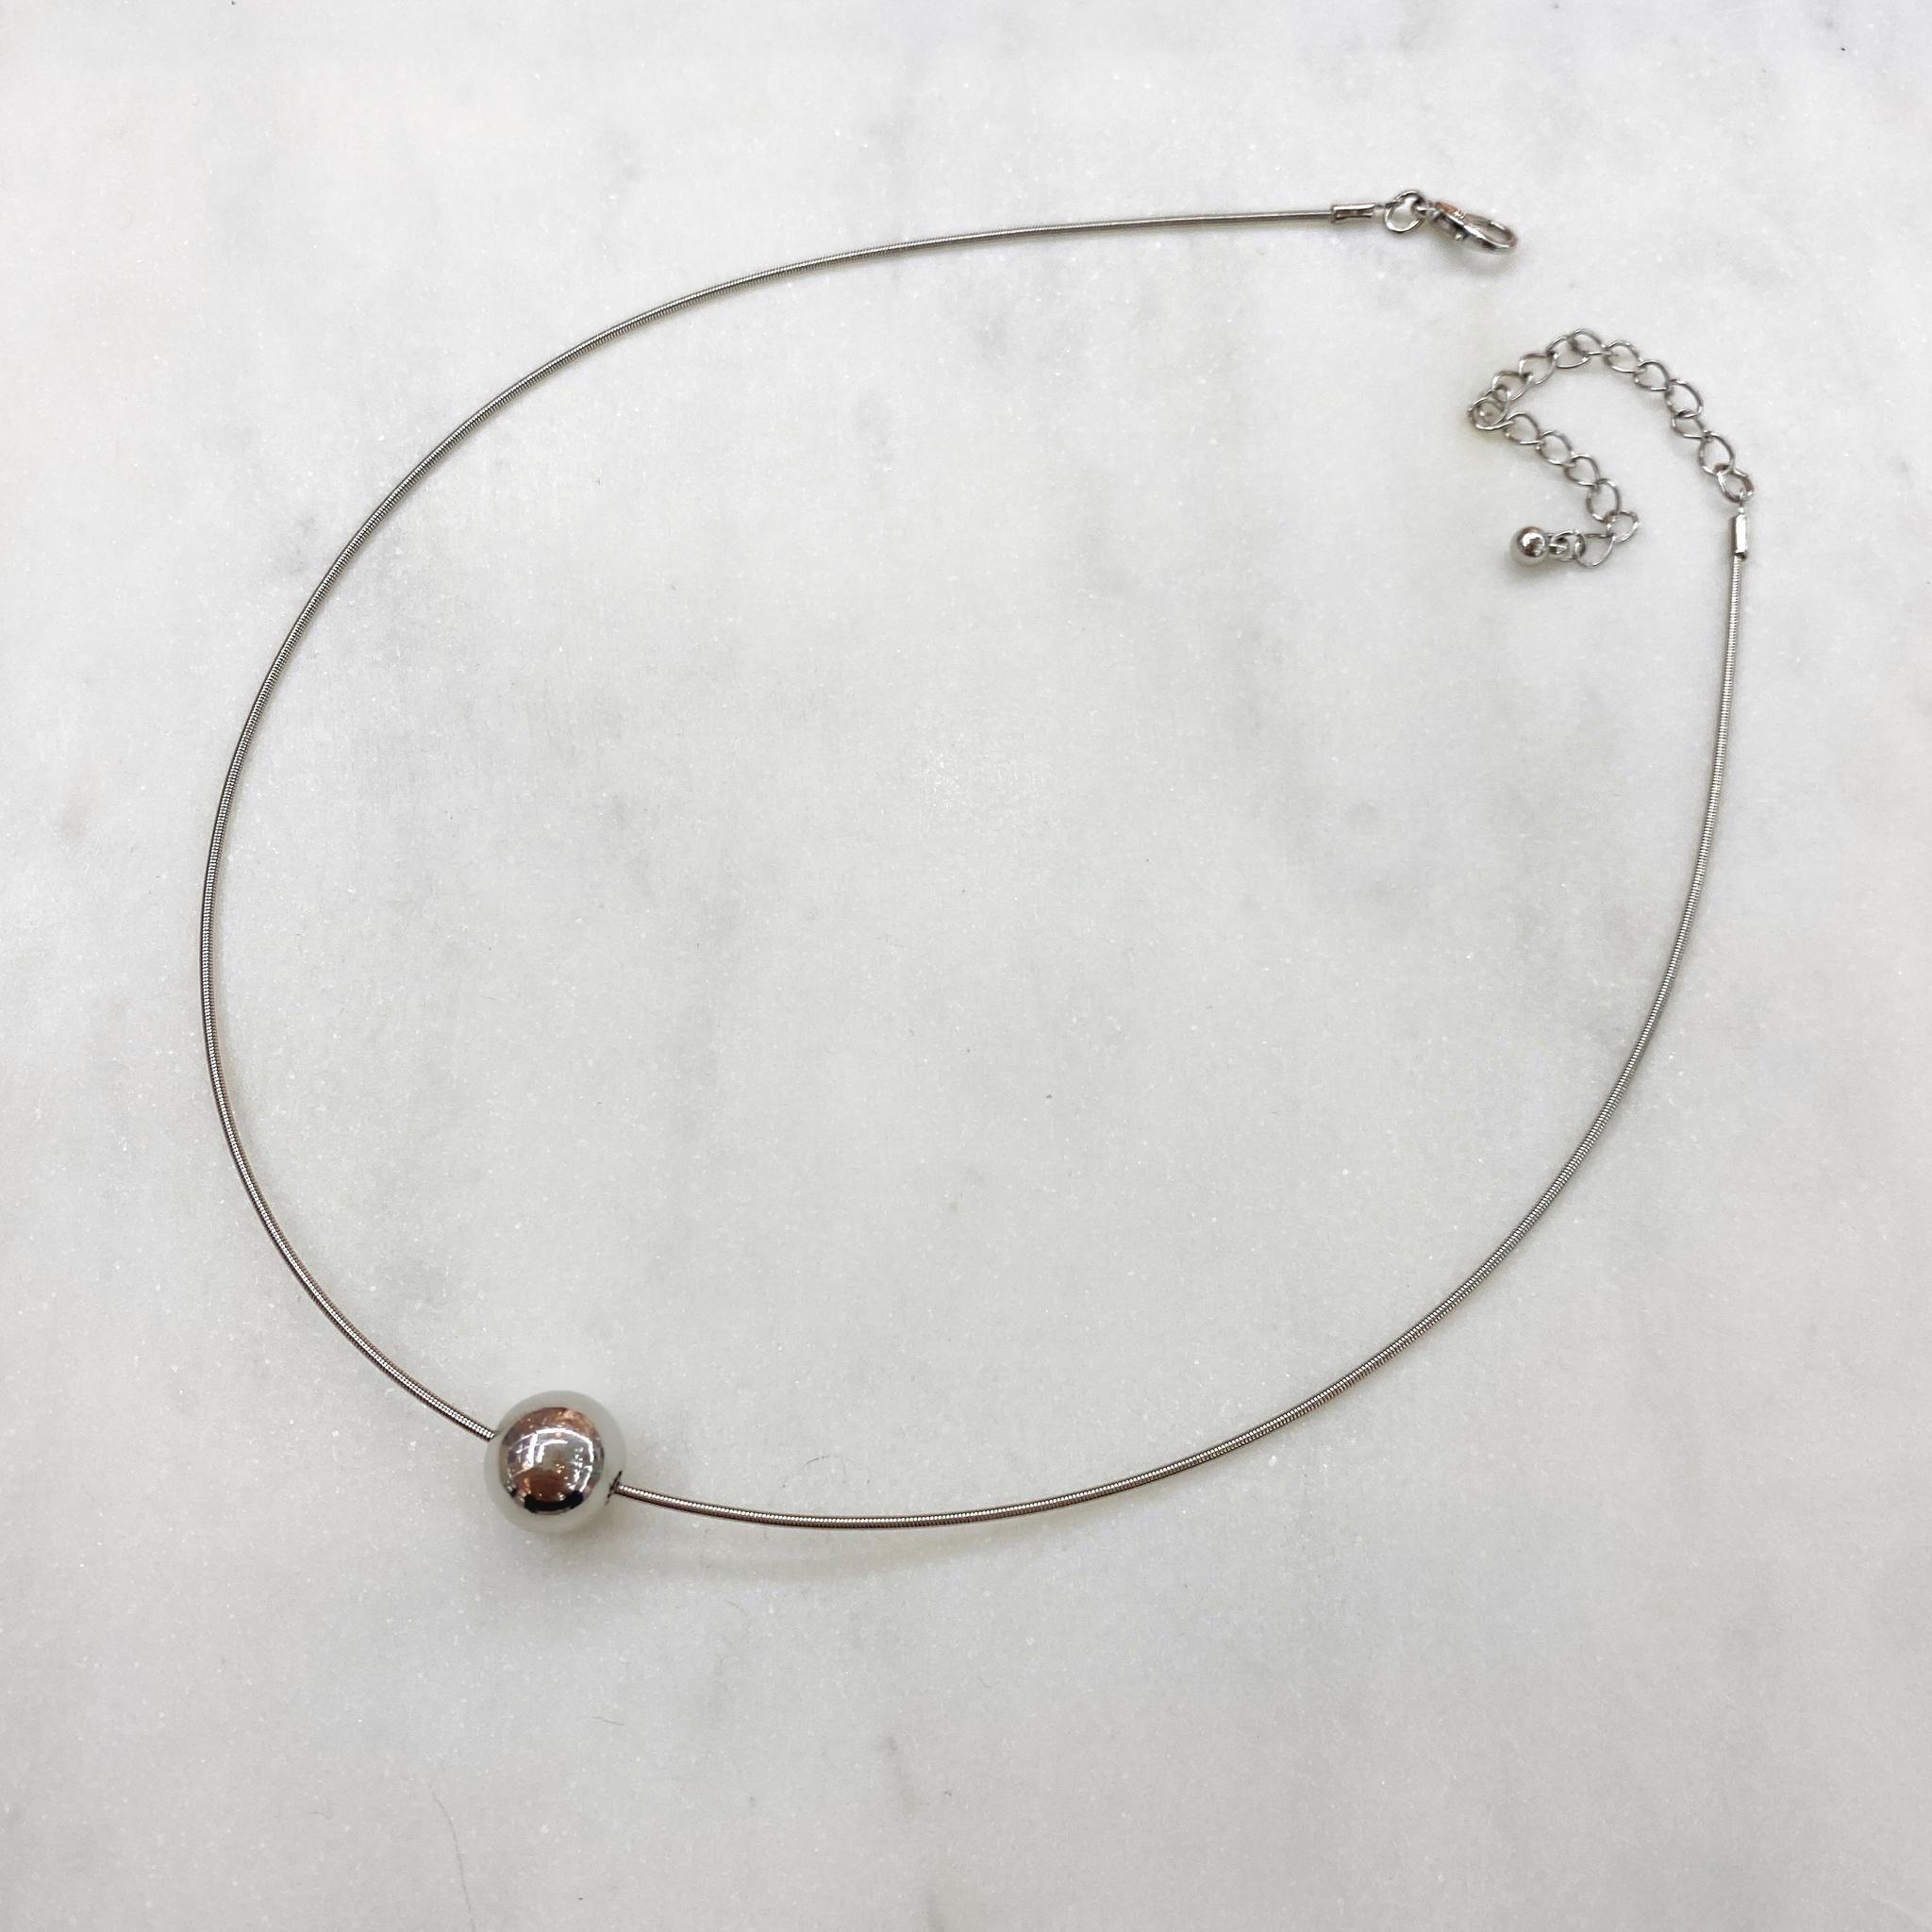 Колье На Основе-Пружинке с Шармом в Виде Бусины серебряный